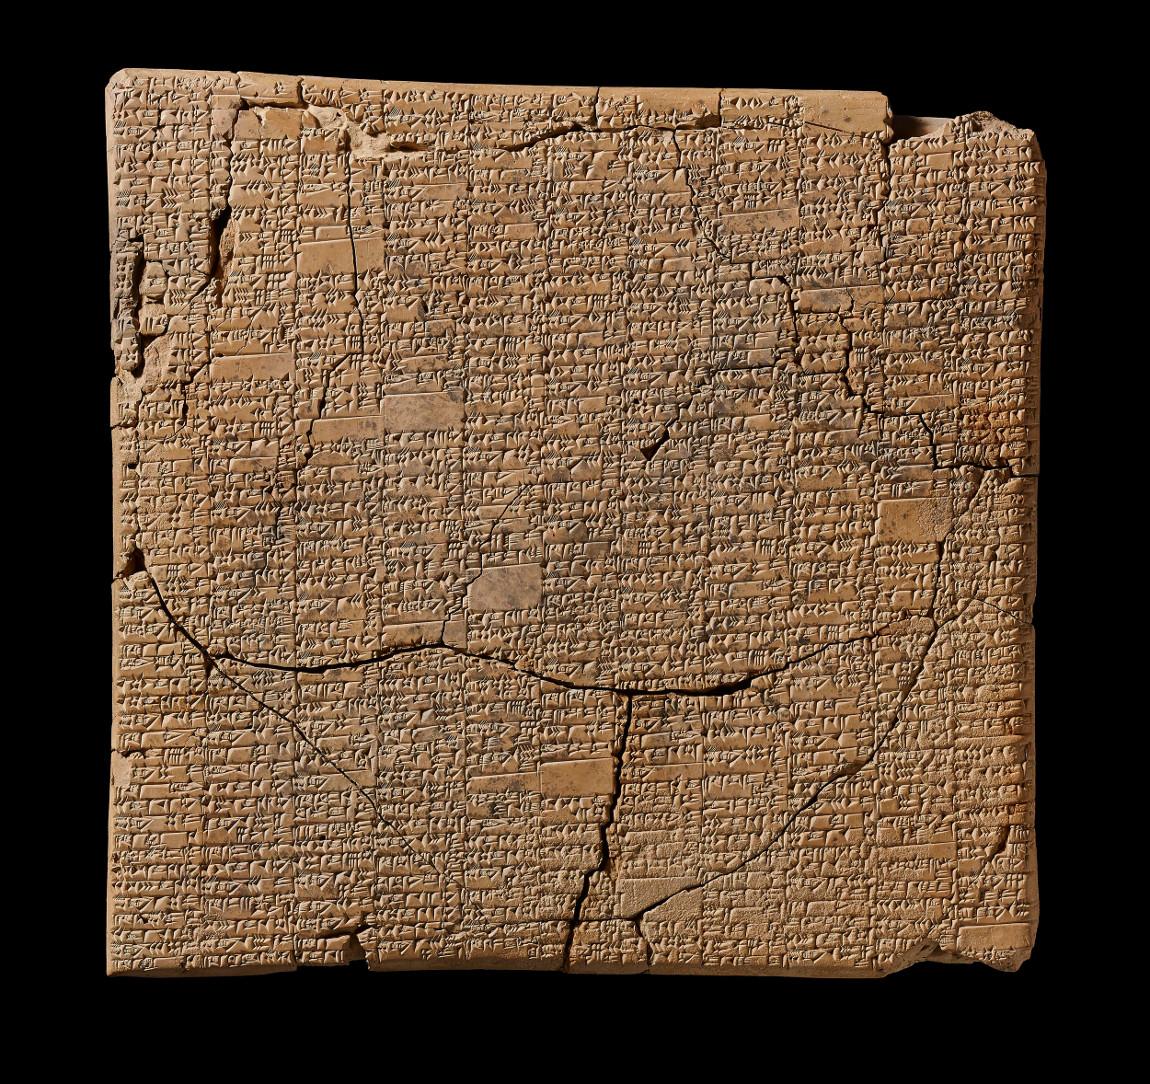 Tablette administrative avec écriture cunéiforme